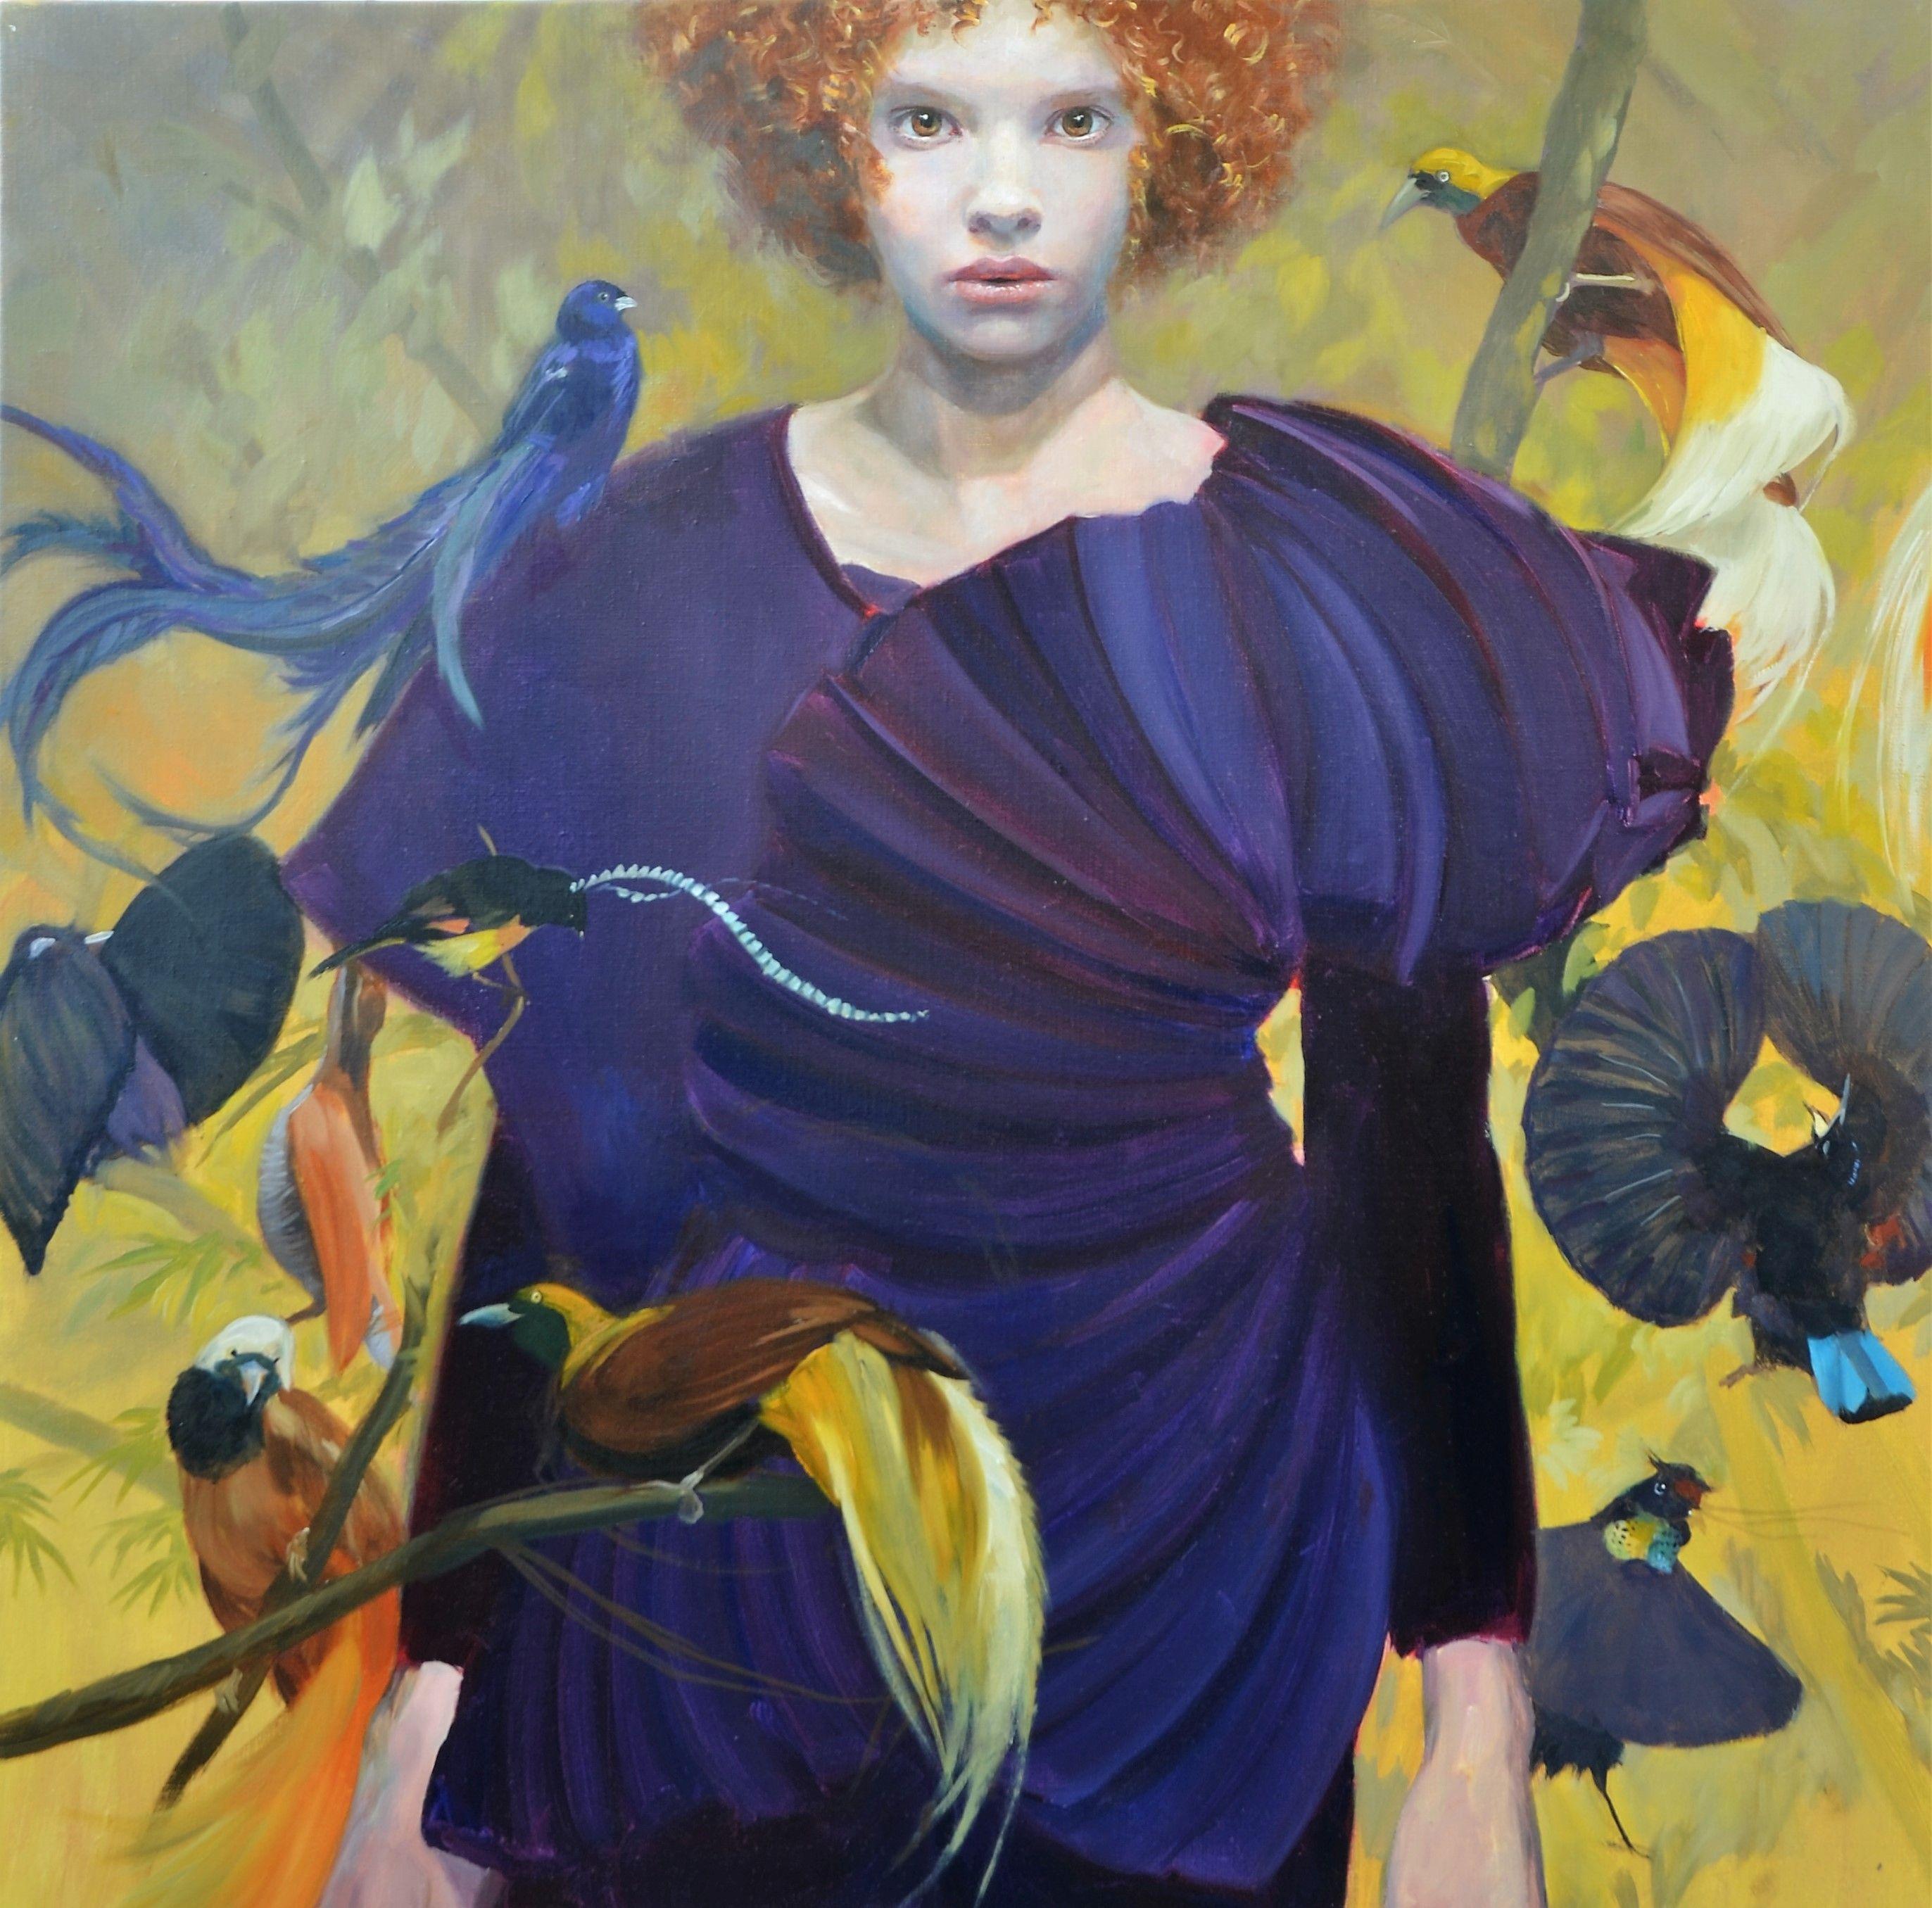 Sophie MORISSE, Oiseaux de paradis, 100 x 100 cm, huile sur toile